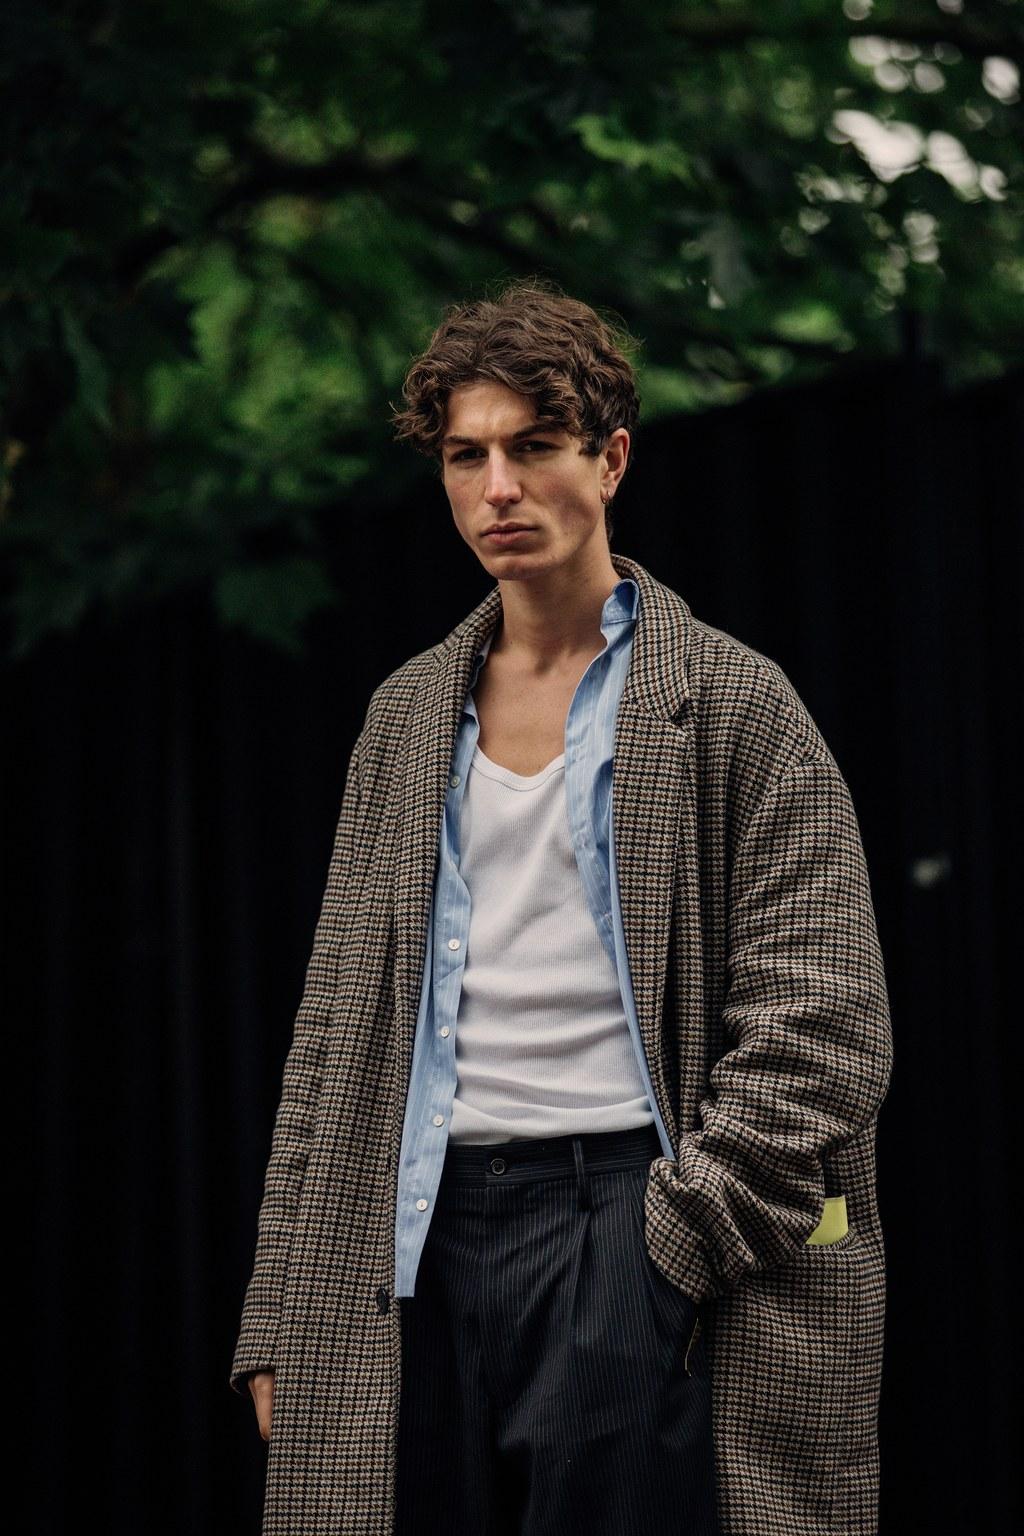 Les meilleurs looks street style de la Fashion Week homme printemps-été 2020 à Londres #mensfashion